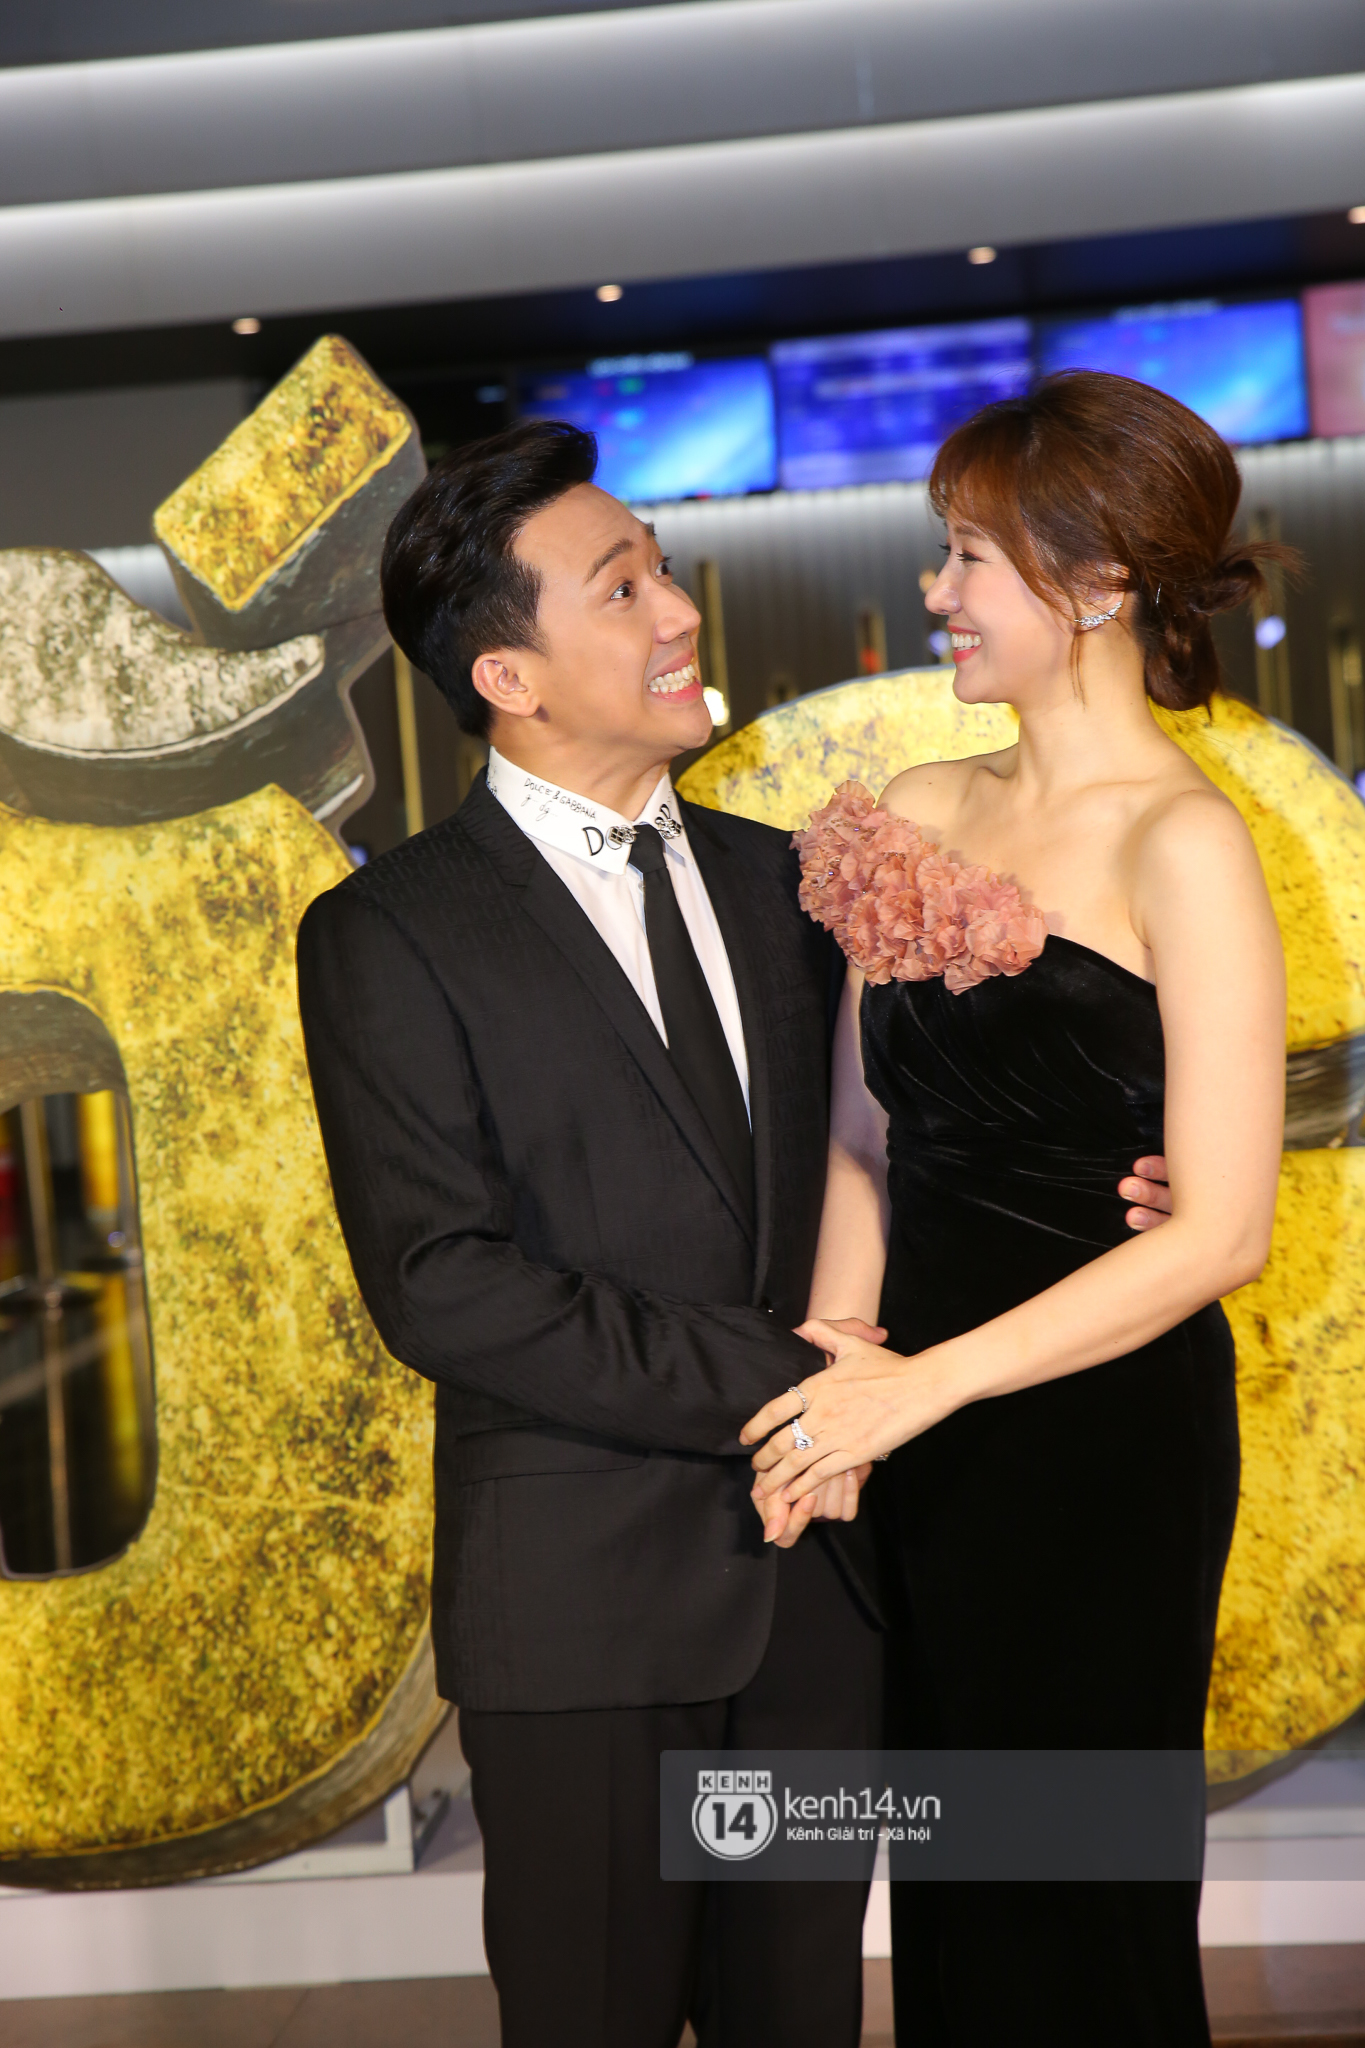 Cặp đôi nhà Đông Nhi, Lệ Quyên thi nhau show ân ái không kém cạnh Trấn Thành - Hariwon ở siêu thảm đỏ Bố Già - Ảnh 2.